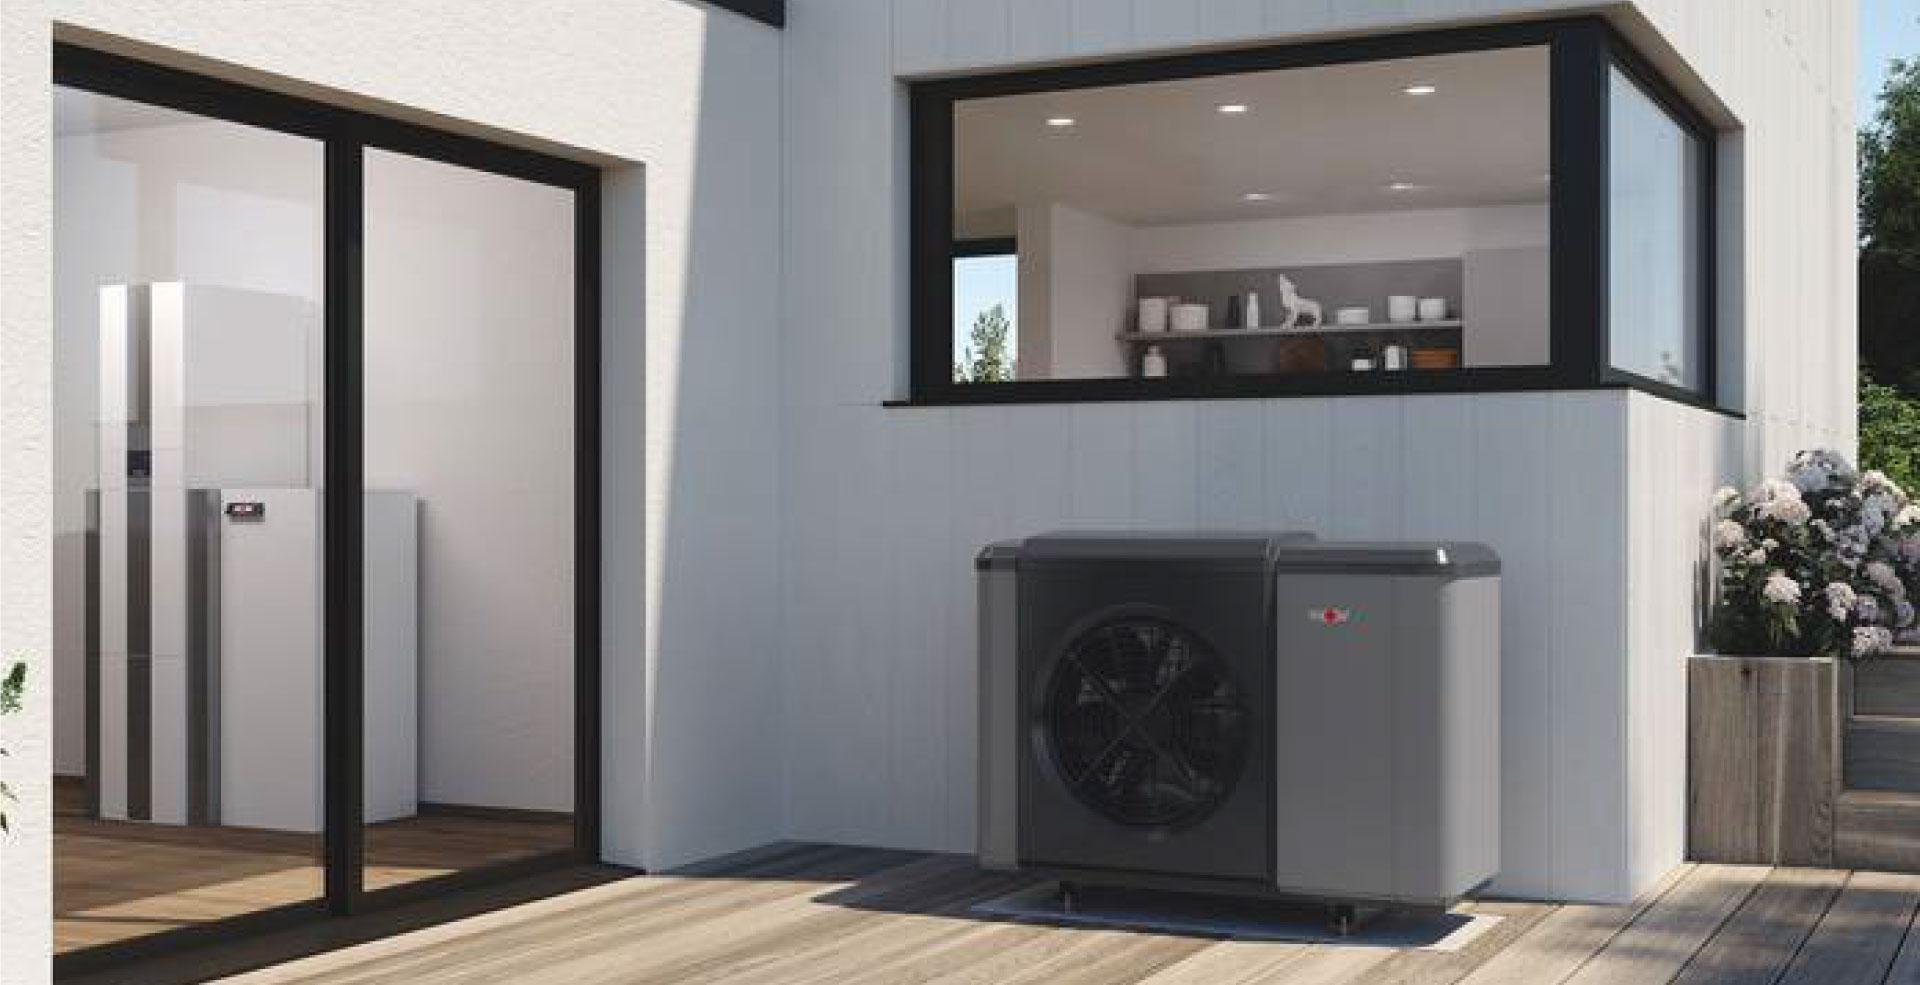 """Ефективни-решения-за-отопление-и-охлаждане-с-термопомпи-от-""""Екотерм-Проект""""-01"""